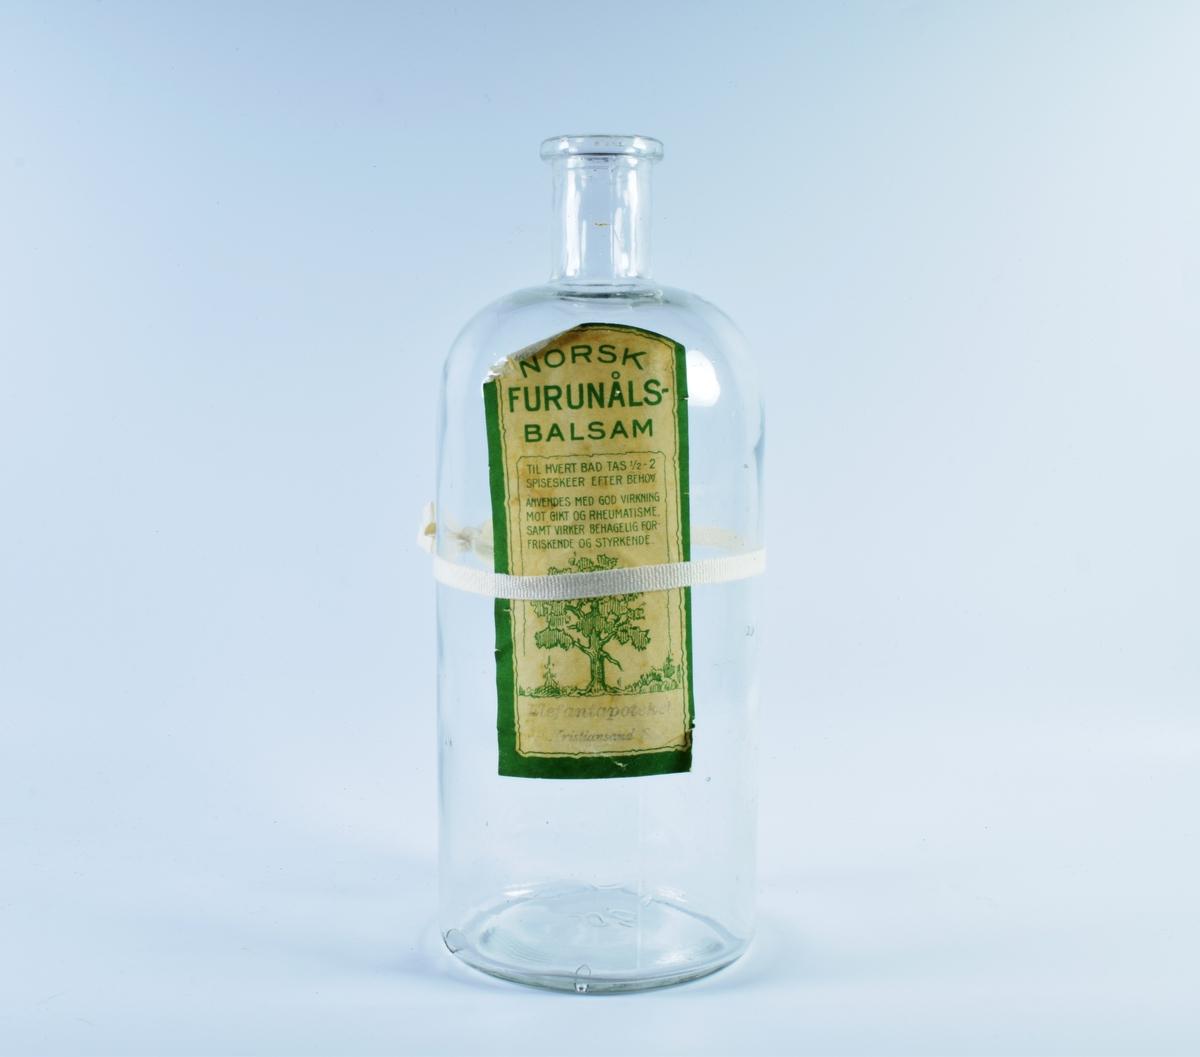 Fire flasker i klart glass.  a-b: Glassflasker med papirkork.  c: Glassflaske uten kork. Gulnet etikett med grønn ramme og motiv av et furtre.  d: Mangekantet glassflaske med sort plastkork.